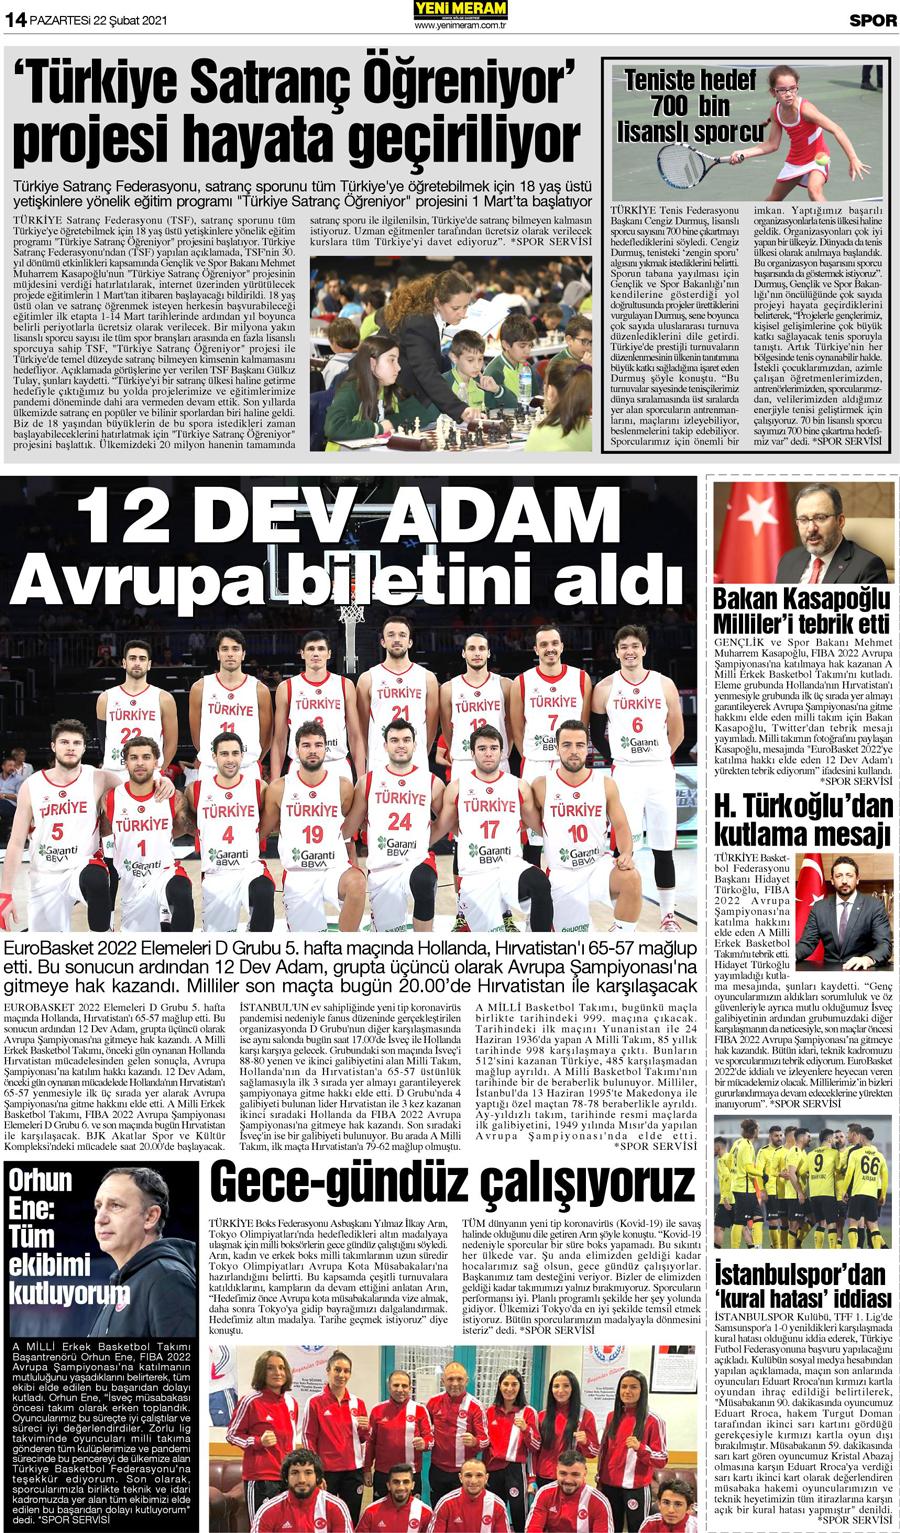 22 Şubat 2021 Yeni Meram Gazetesi